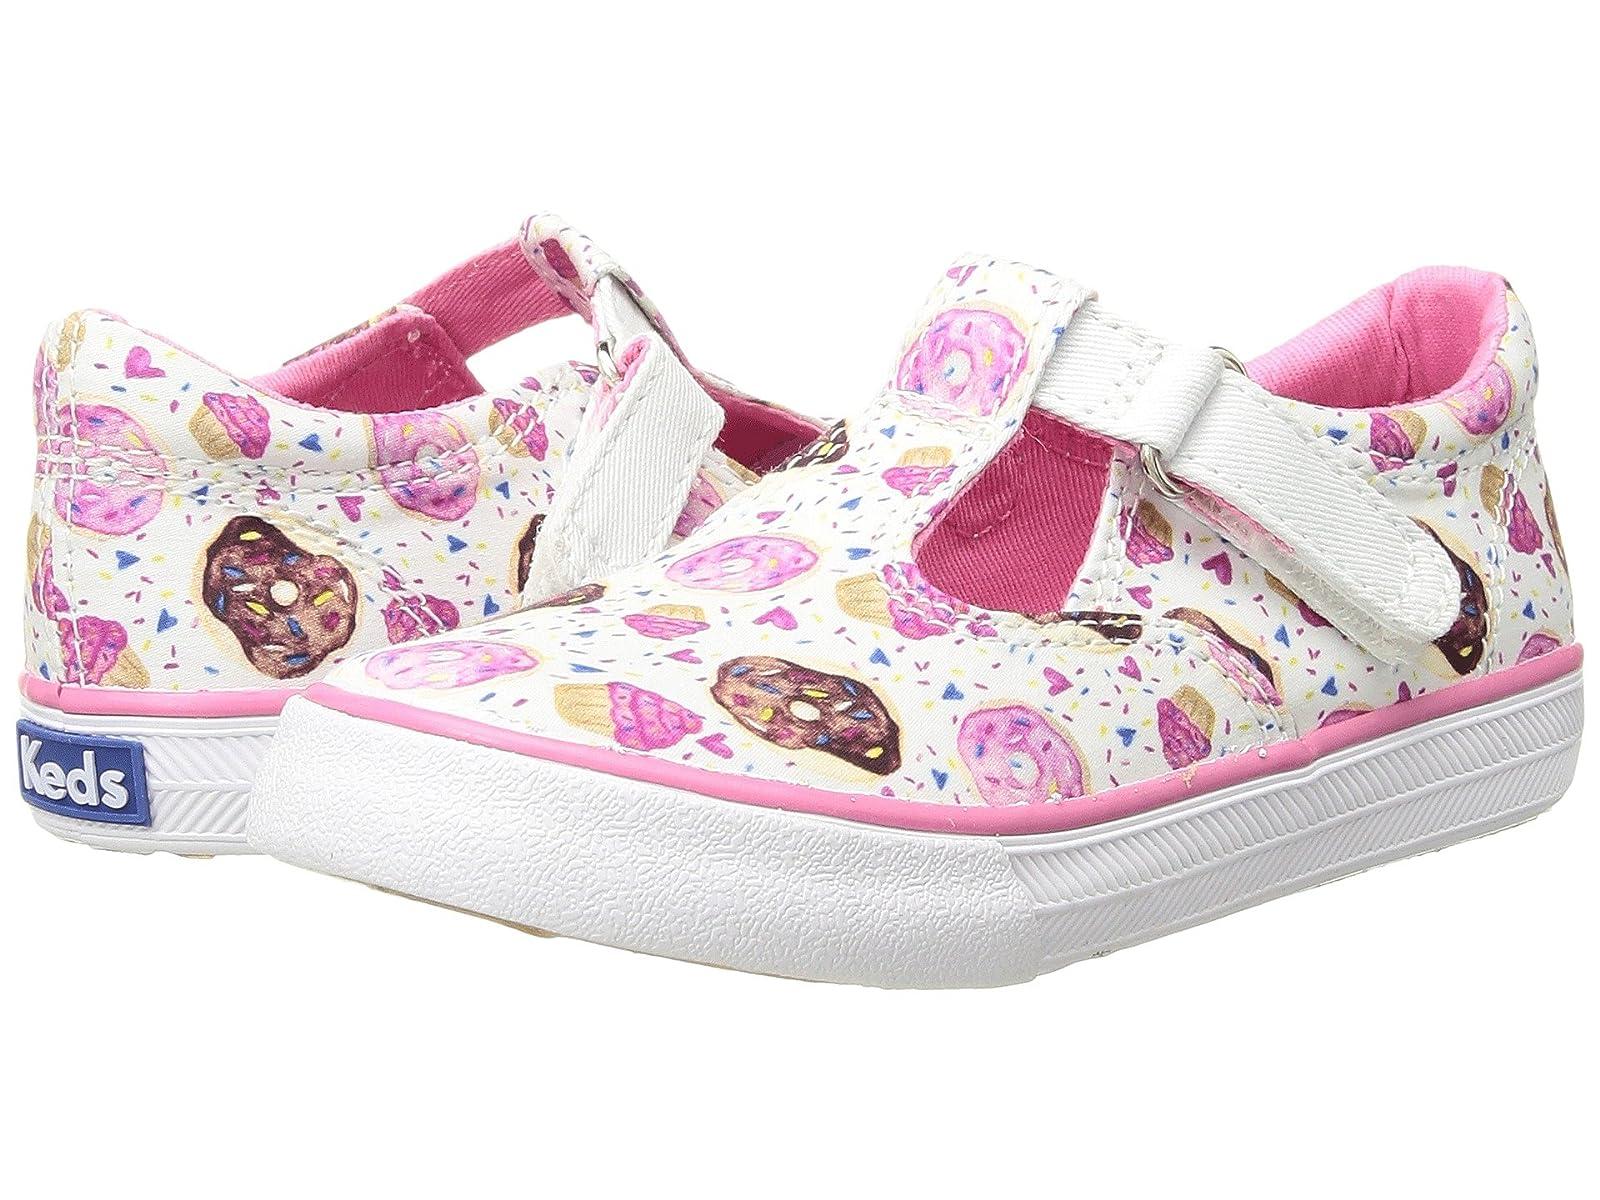 Keds Kids Daphne (Toddler/Little Kid)Atmospheric grades have affordable shoes